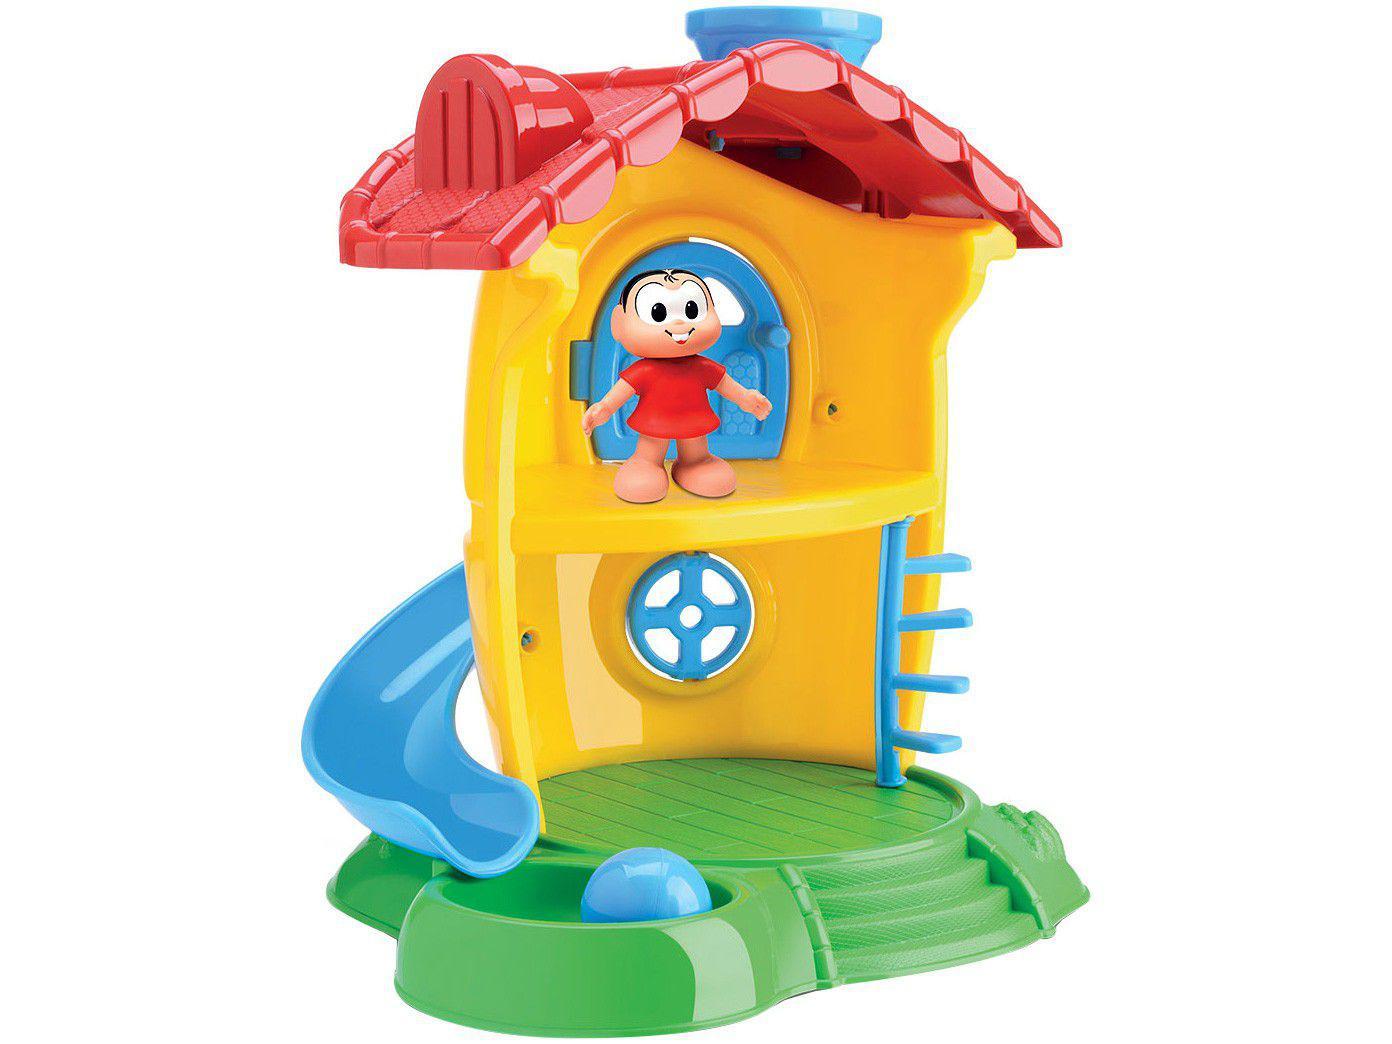 Casinha Turma da Mônica Quartinho - Samba Toys